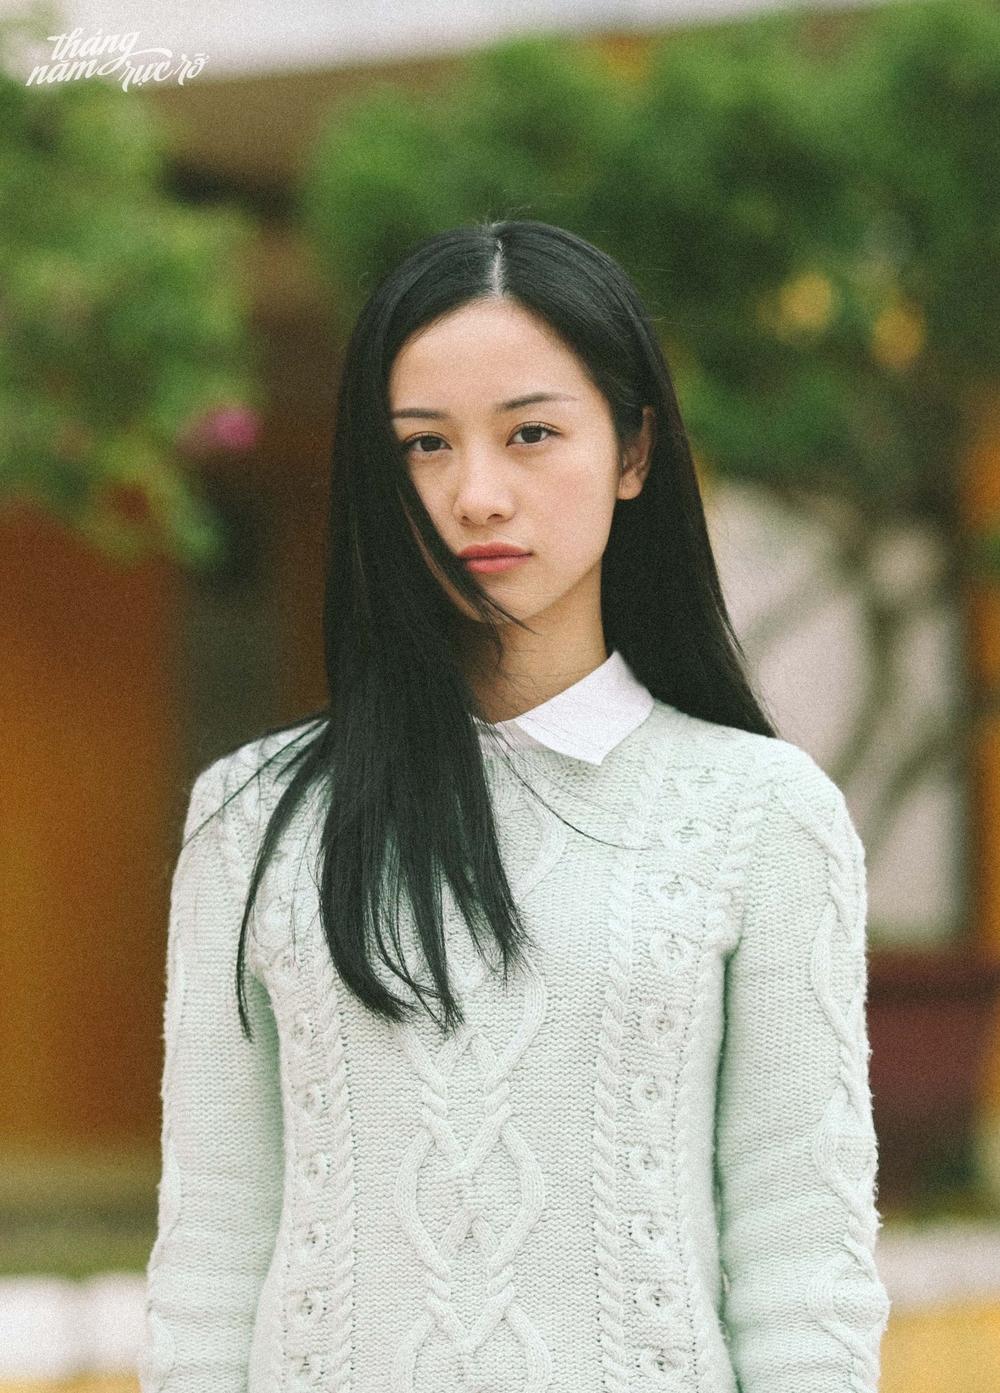 Jun Vũ vào vai Tuyết Anh một vai diễn ít thoại nhưng có điển nhấn về mặt hình ảnh và thần thái - Tin sao Viet - Tin tuc sao Viet - Scandal sao Viet - Tin tuc cua Sao - Tin cua Sao